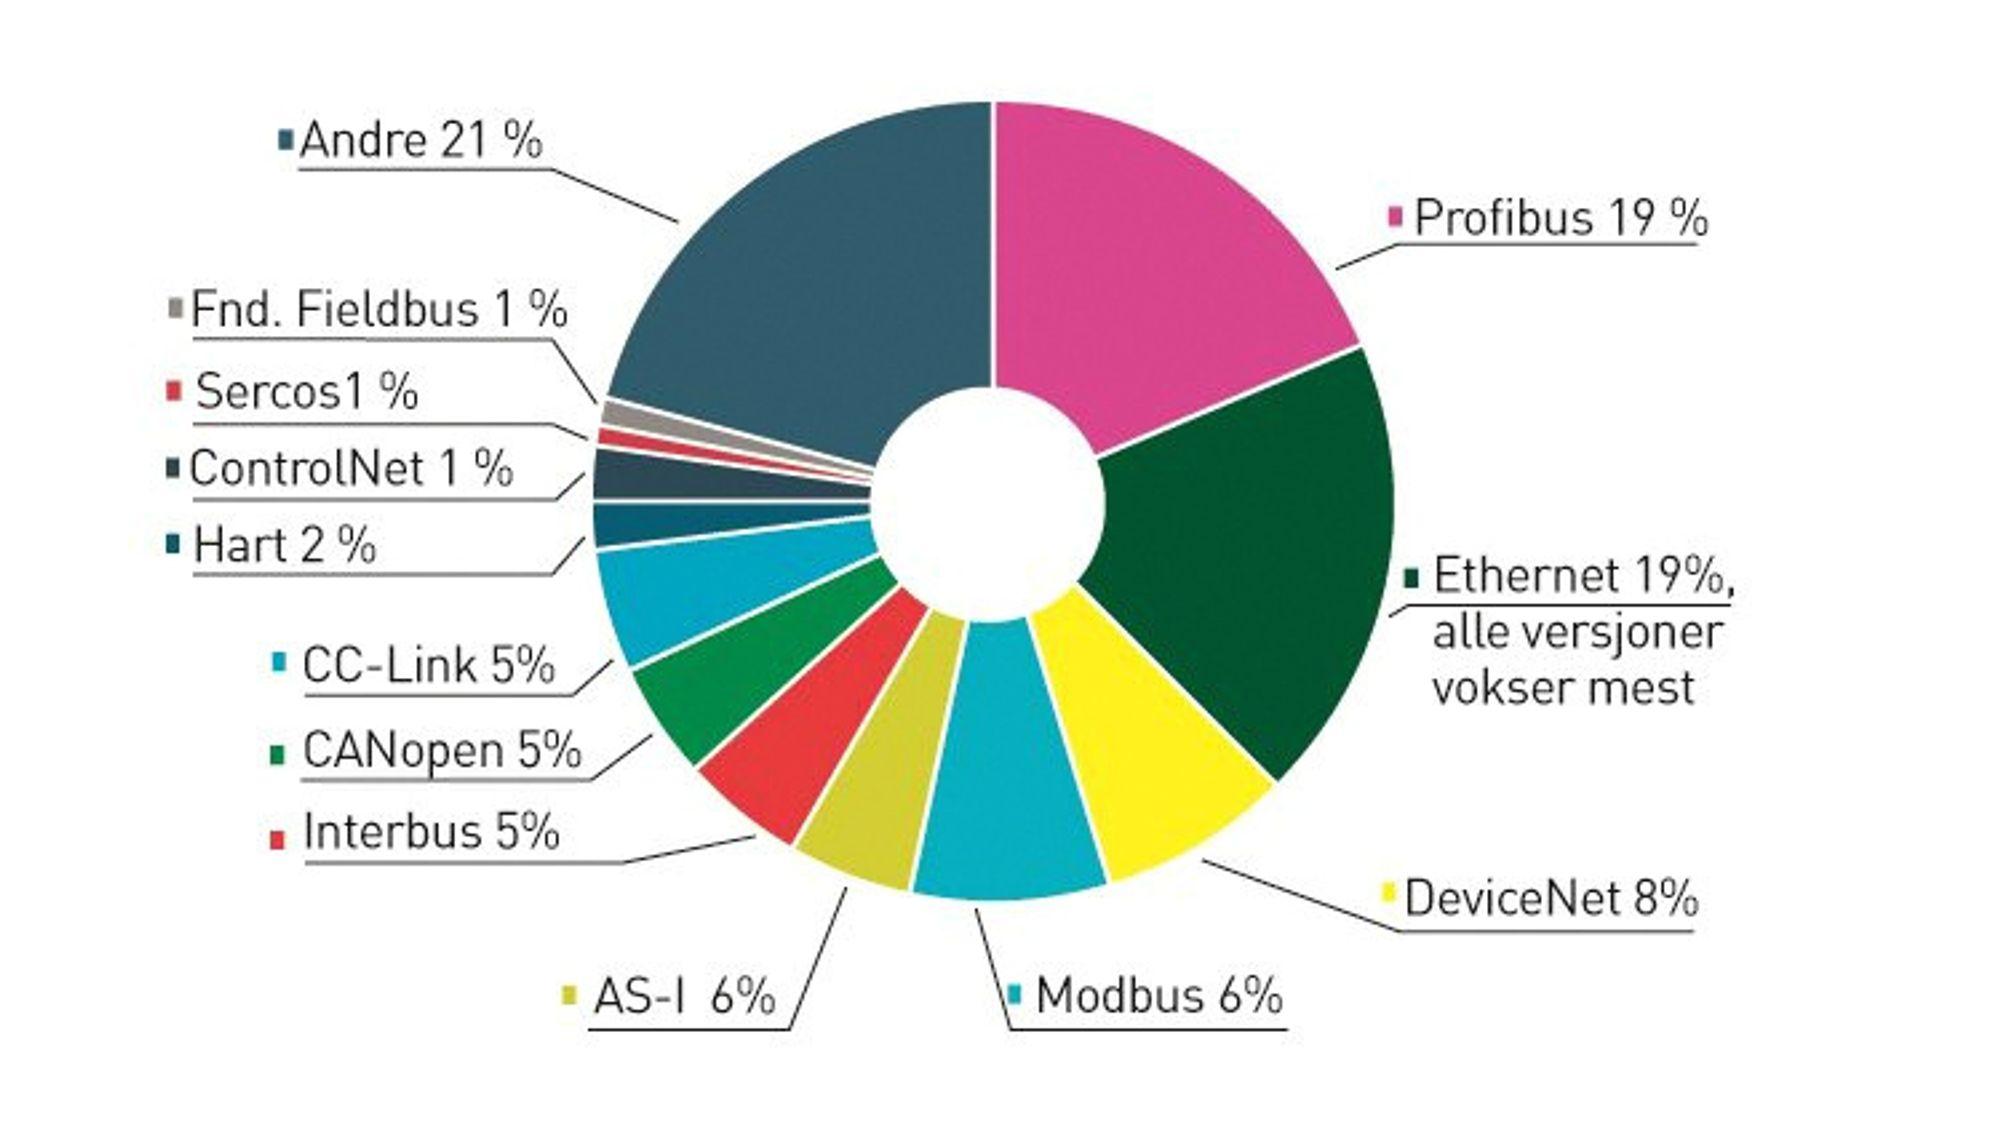 Kakediagrammet viser markedsandeler for forskjellige industrielle nettverksstandarder på verdensbasis. Ethernet vokser med 17 prosent hvert år, og vil bli den dominerende standarden om få år.